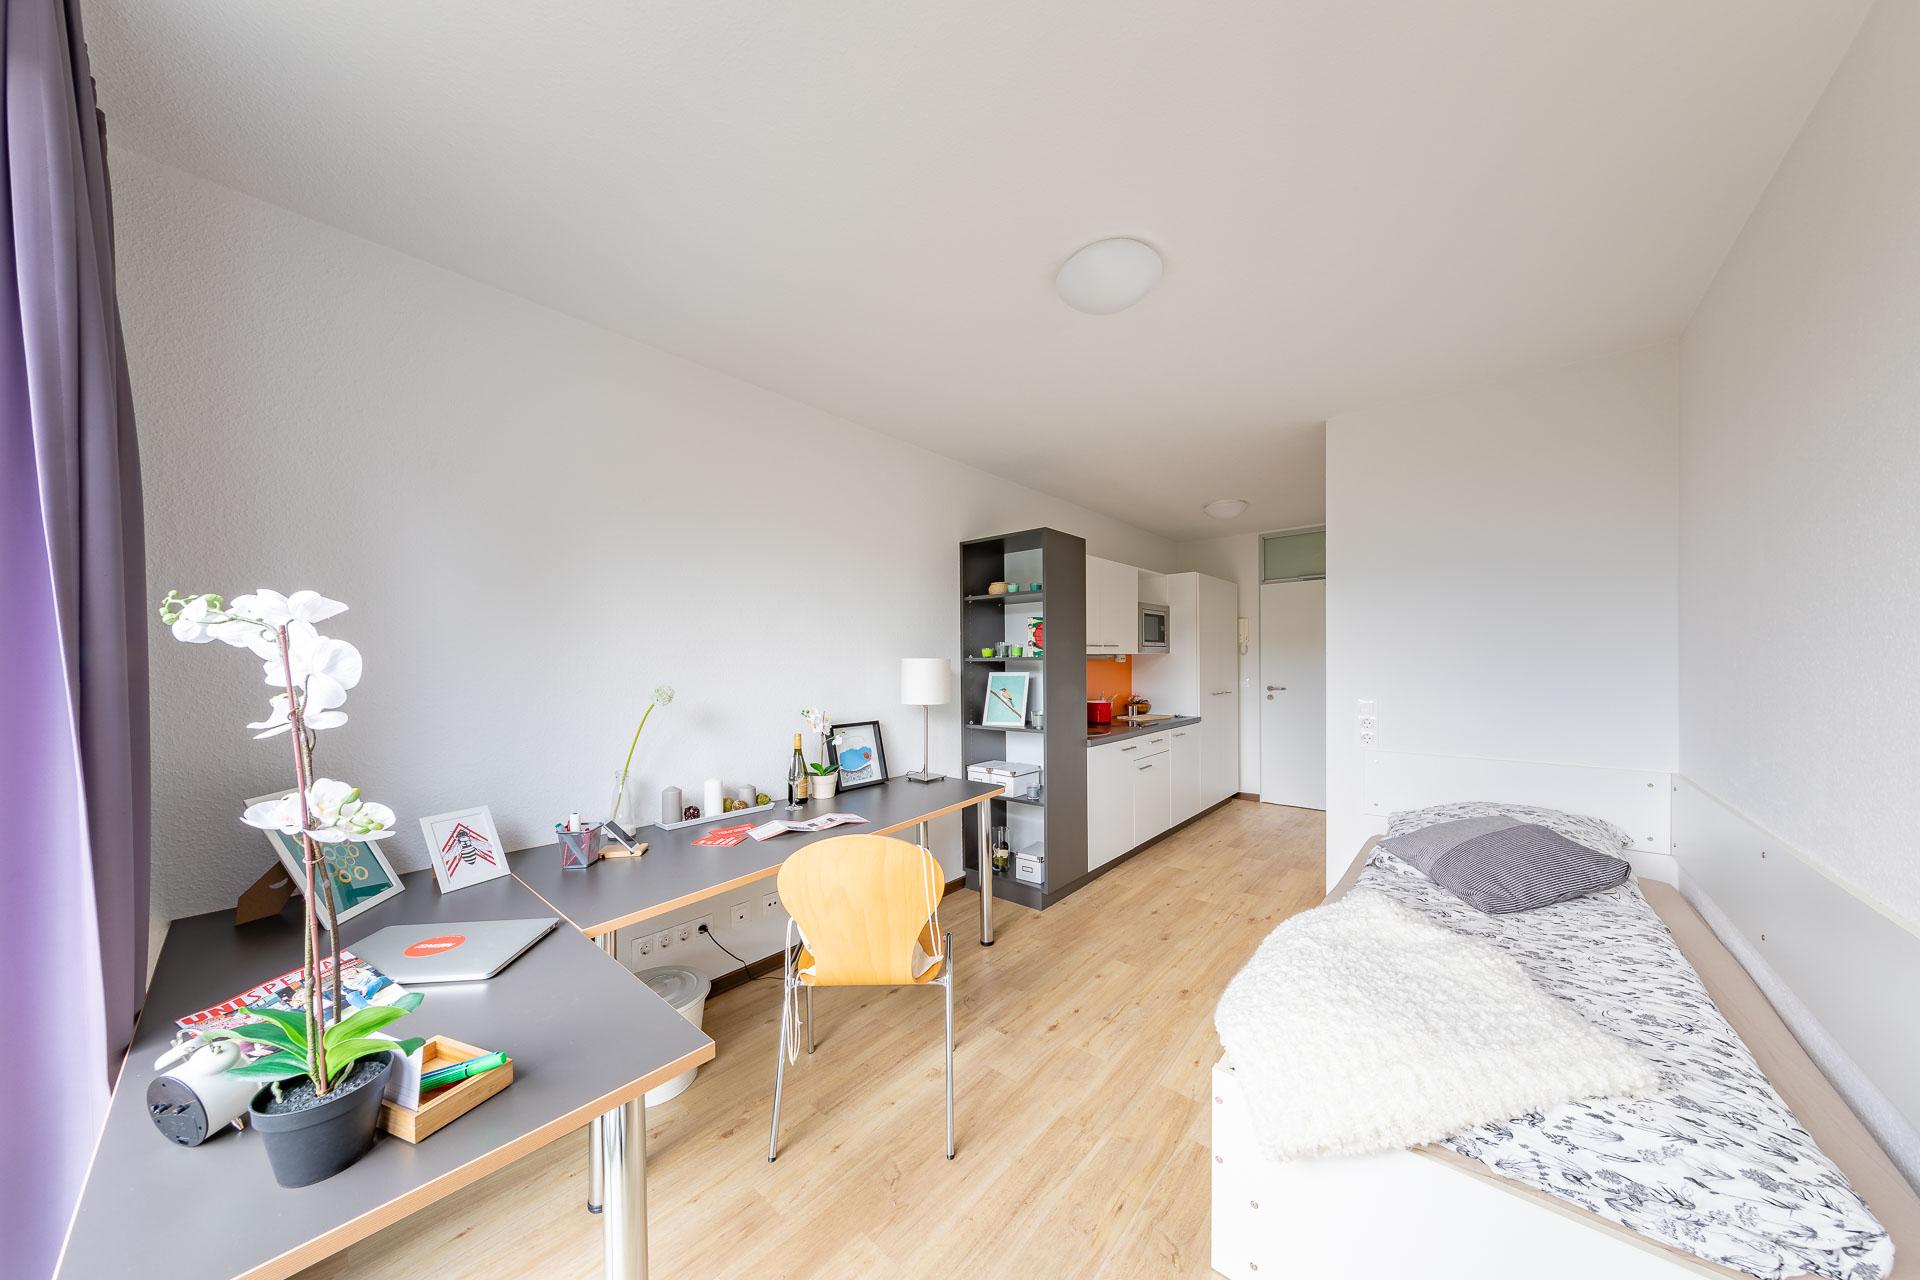 THE FIZZ Bremen Small Apartment - Wohn-, Schlaf- & Arbeitsbereich